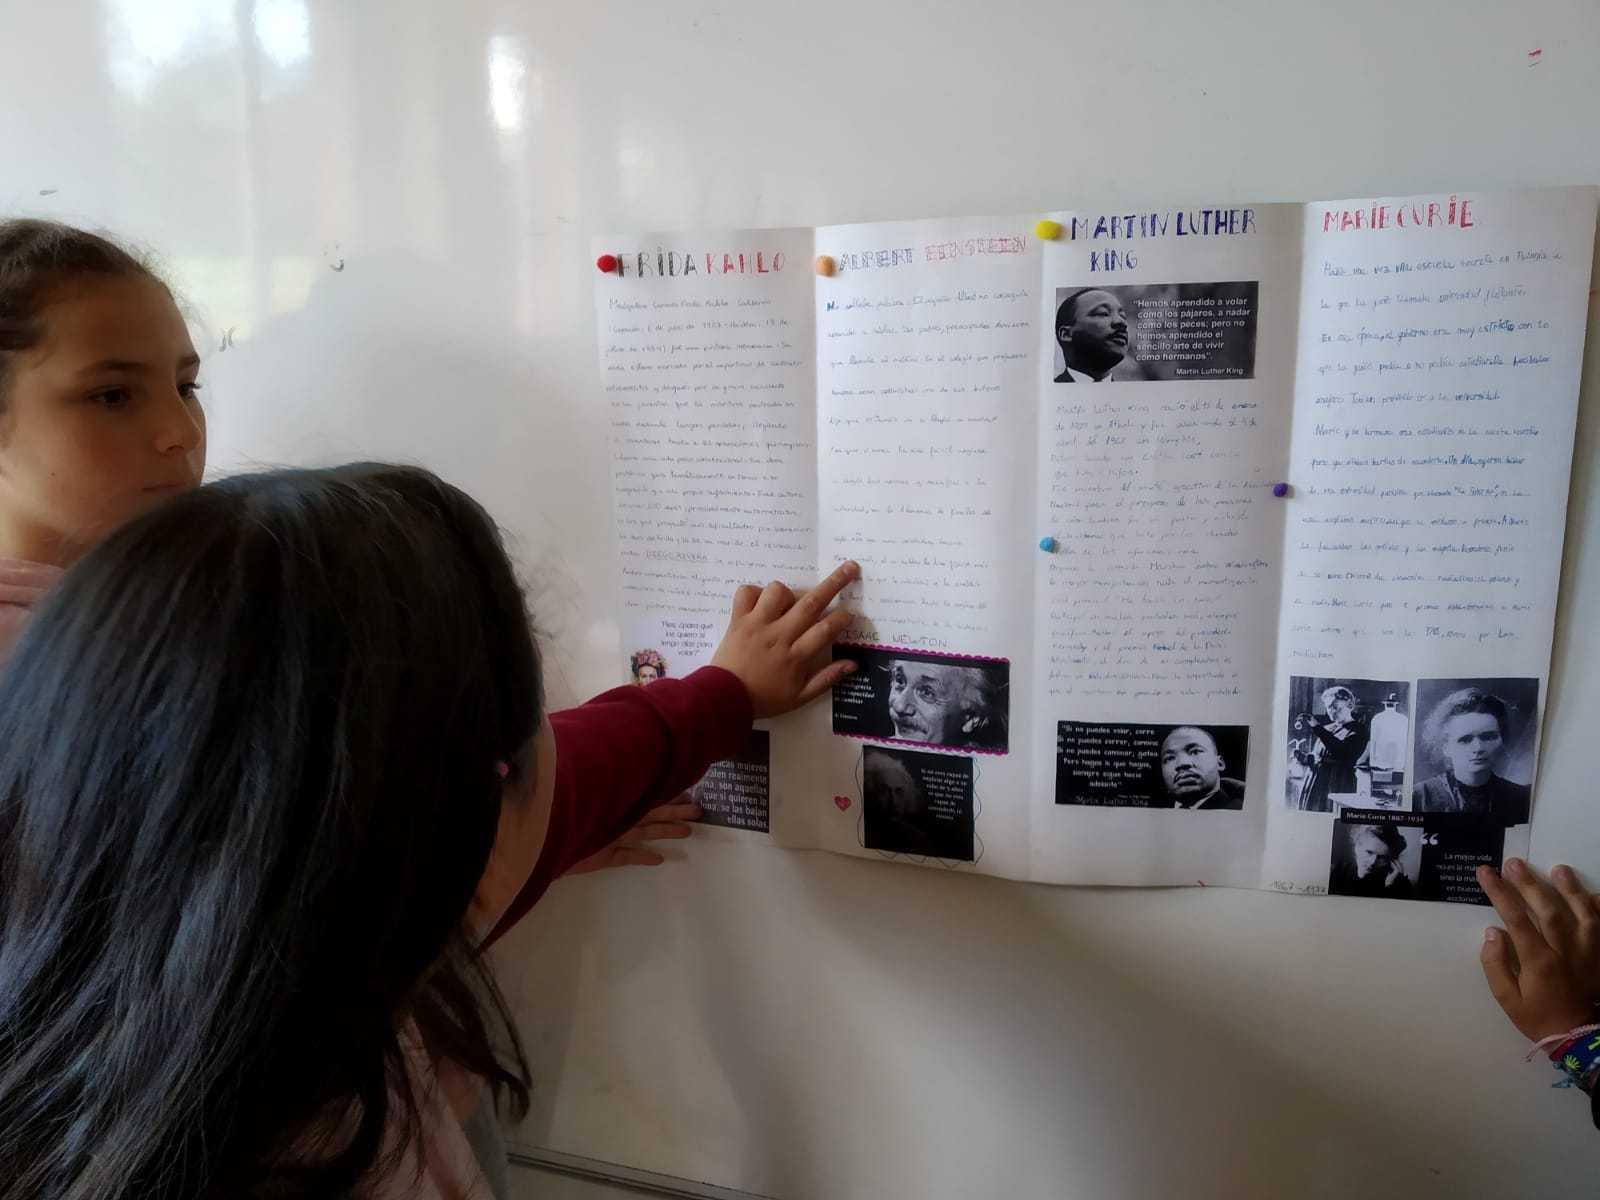 2019_04_29_Quinto trabaja en valores grandes figuras de la humanidad_CEIP FDLR_Las Rozas 3